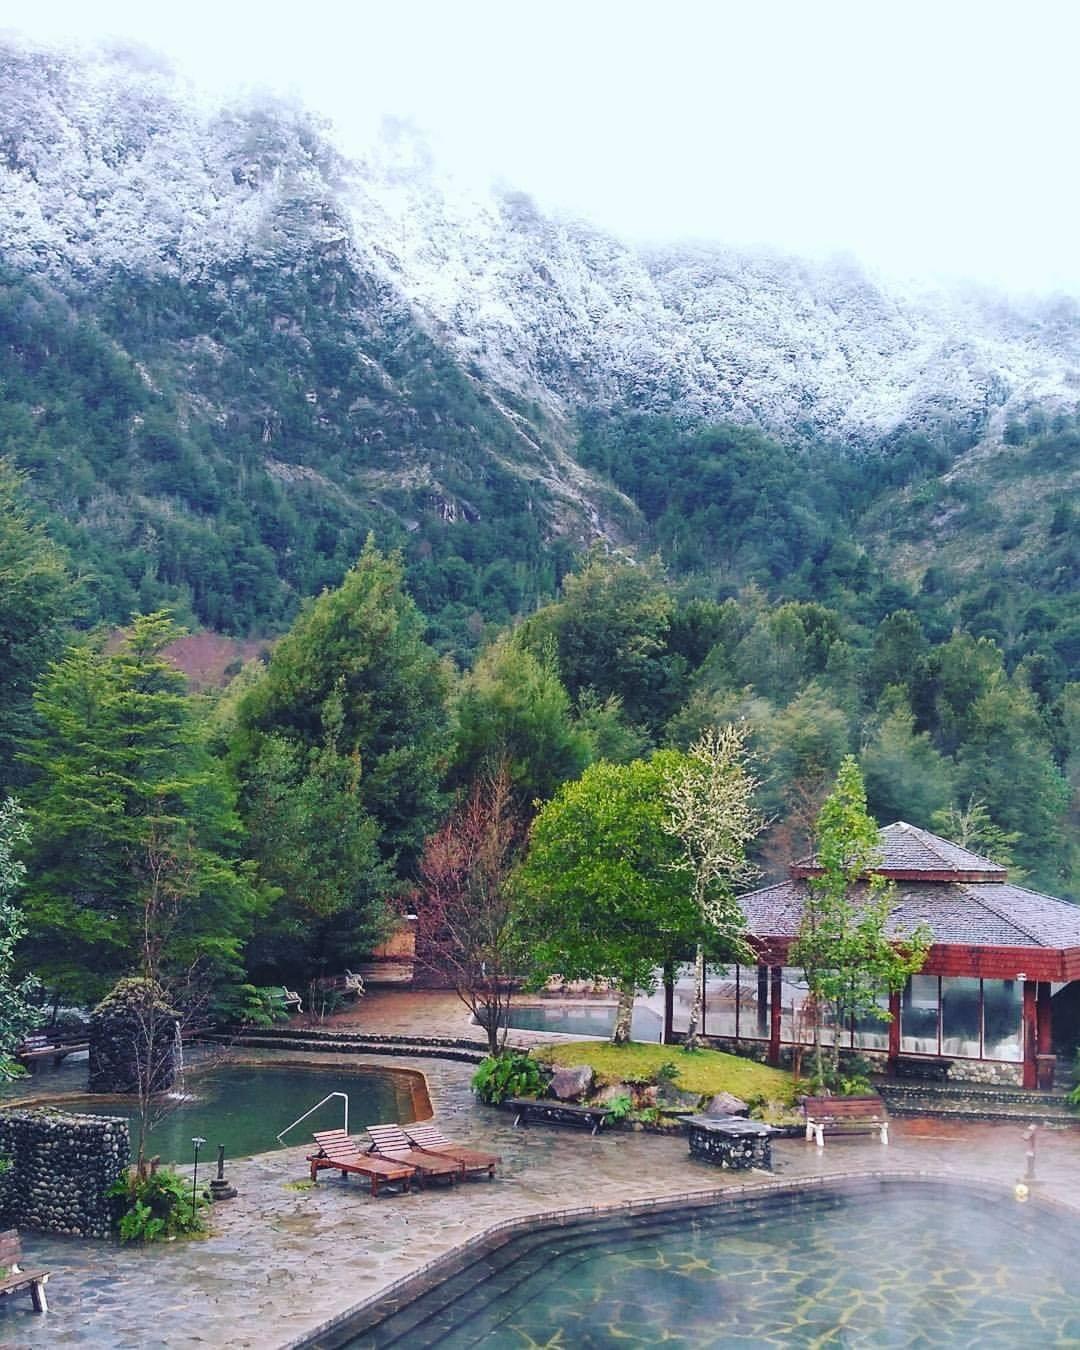 Conaripe Hot Springs